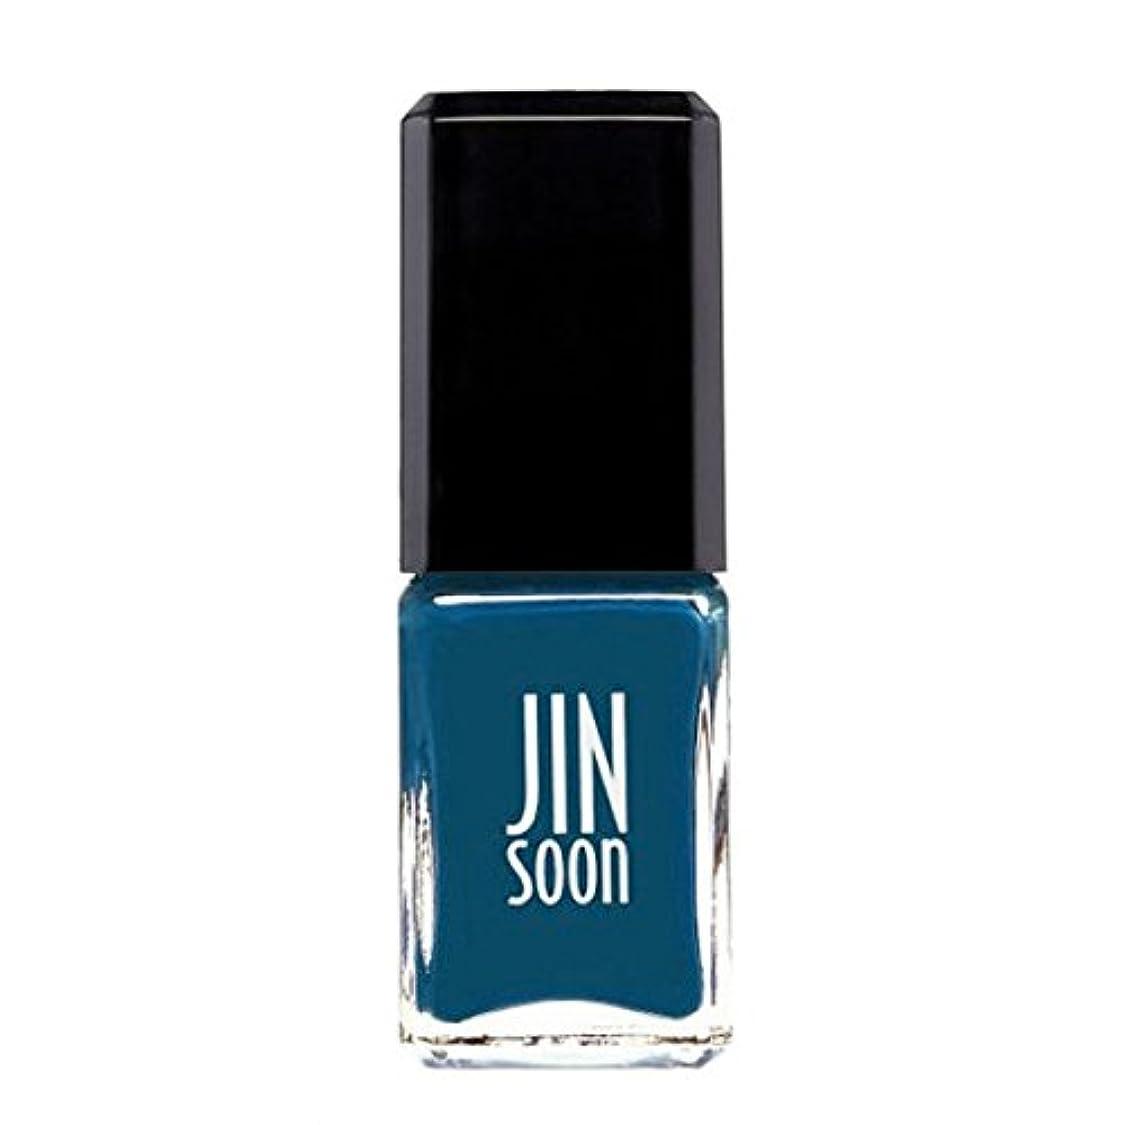 民族主義ストッキングパターン[ジンスーン] [ jinsoon] ボウ(ティールブルー) BEAU ジンスーン 5フリー ネイルポリッシュ ネイルカラー系統:ティールブルー teal blue 11mL